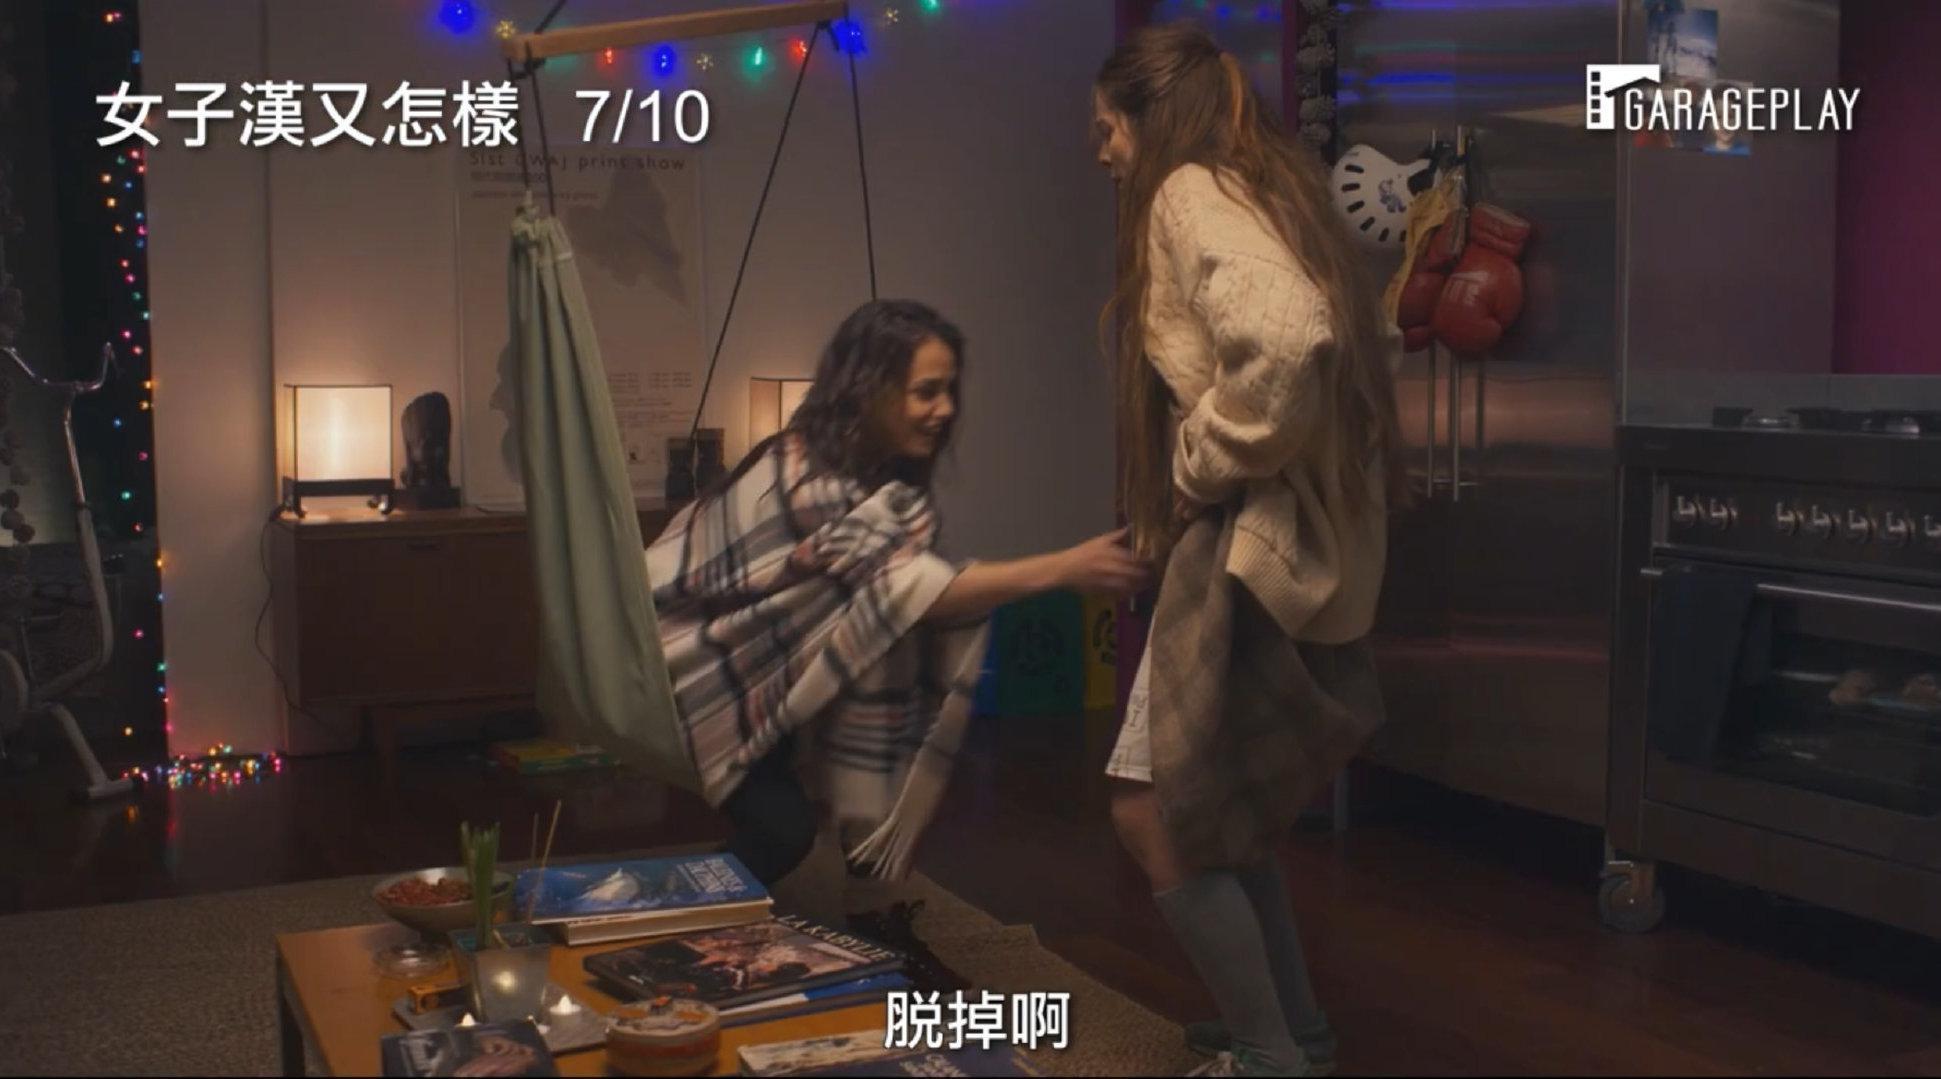 法国女星奥黛丽·达娜自编自导自演的喜剧片《如果我是男生》发布台版中字预告……